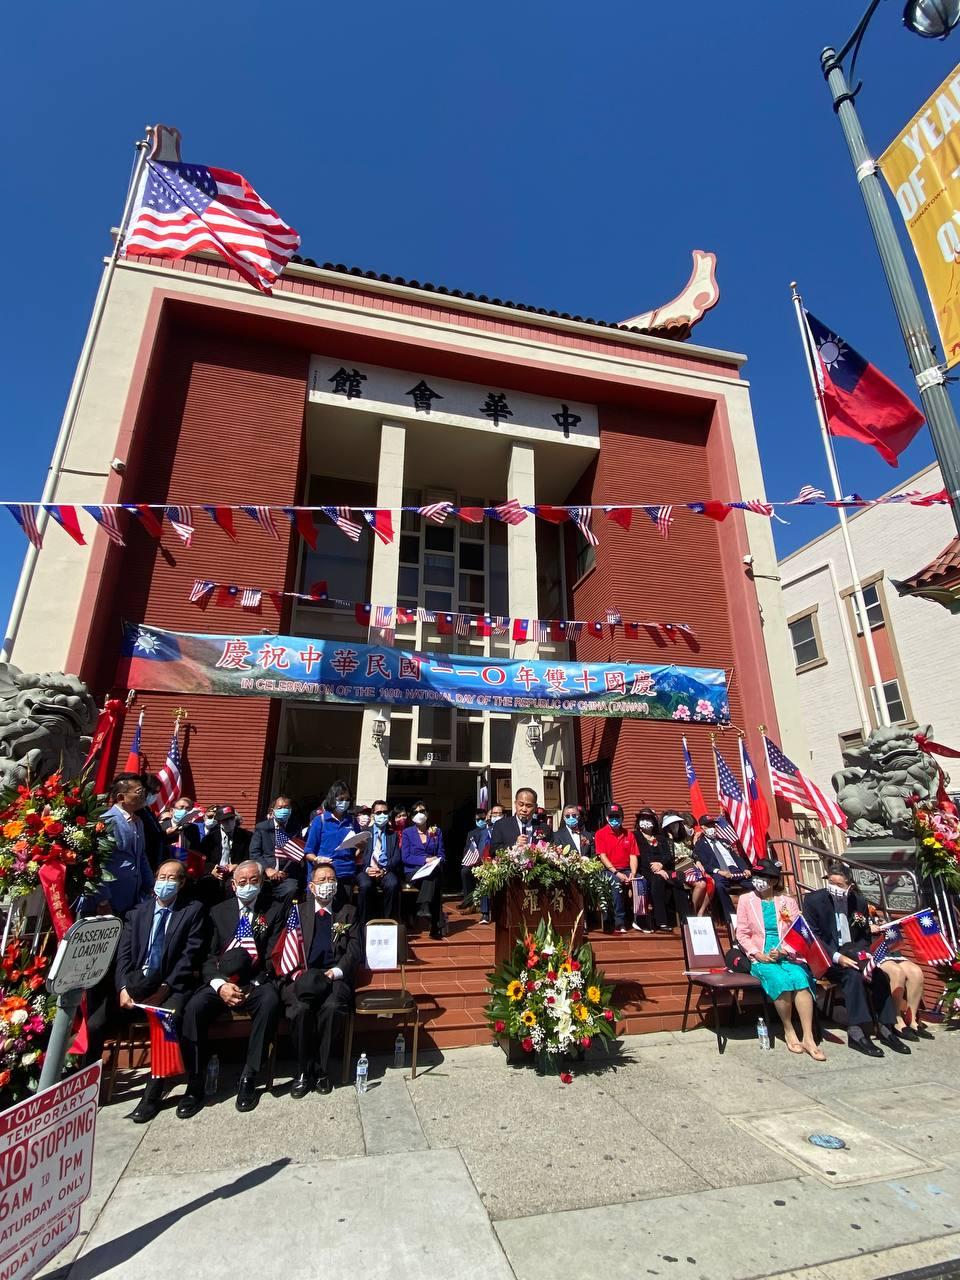 2021年10月9日上午,罗省中华会馆举办的双十节庆祝活动情形。(界立建提供)